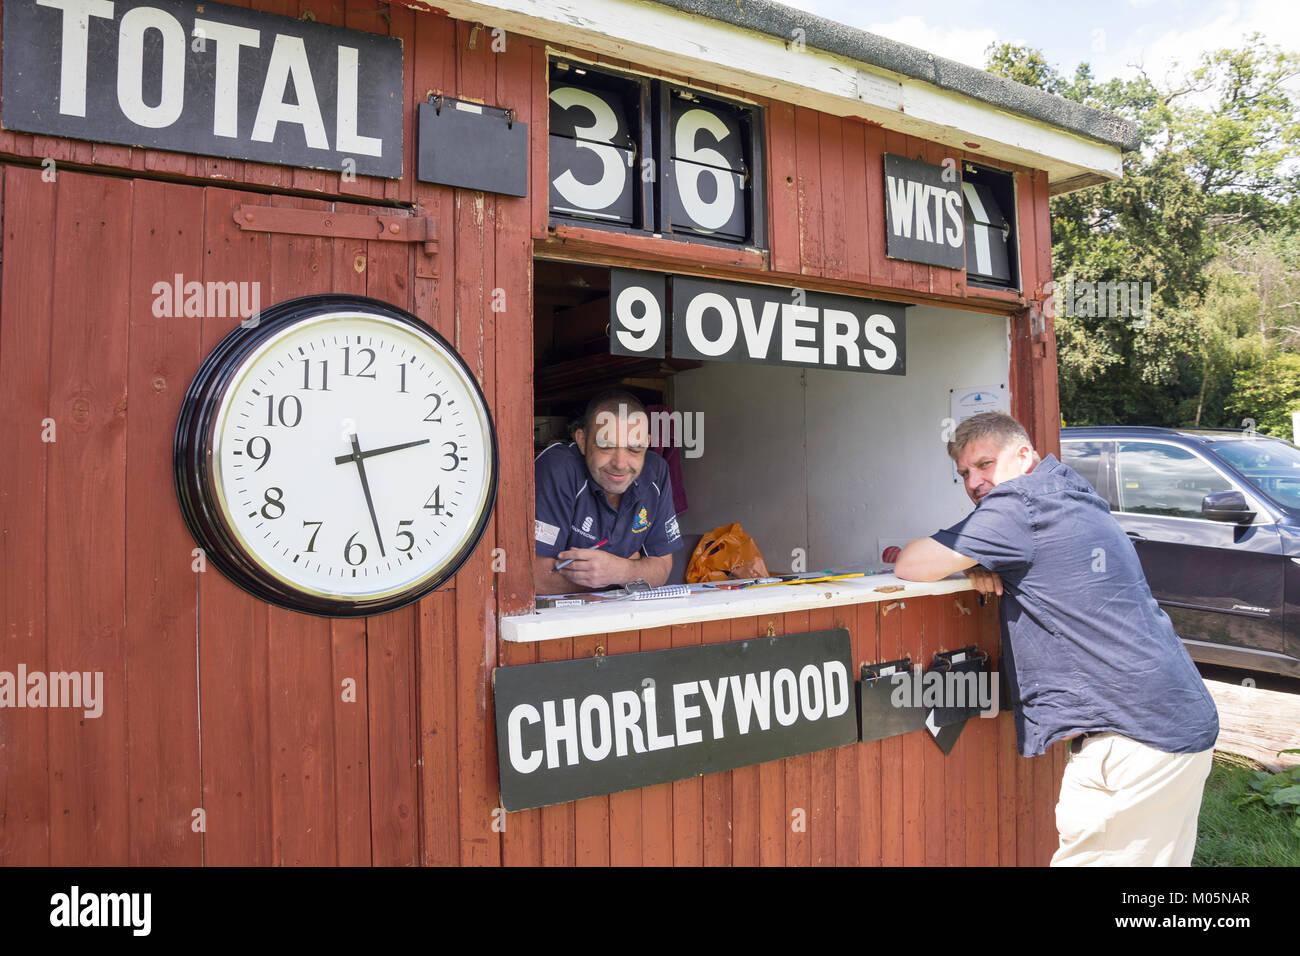 Scoring shed at Saturday match at Chorleywood Cricket Club, Chorleywood, Hertfordshire, England, United Kingdom - Stock Image